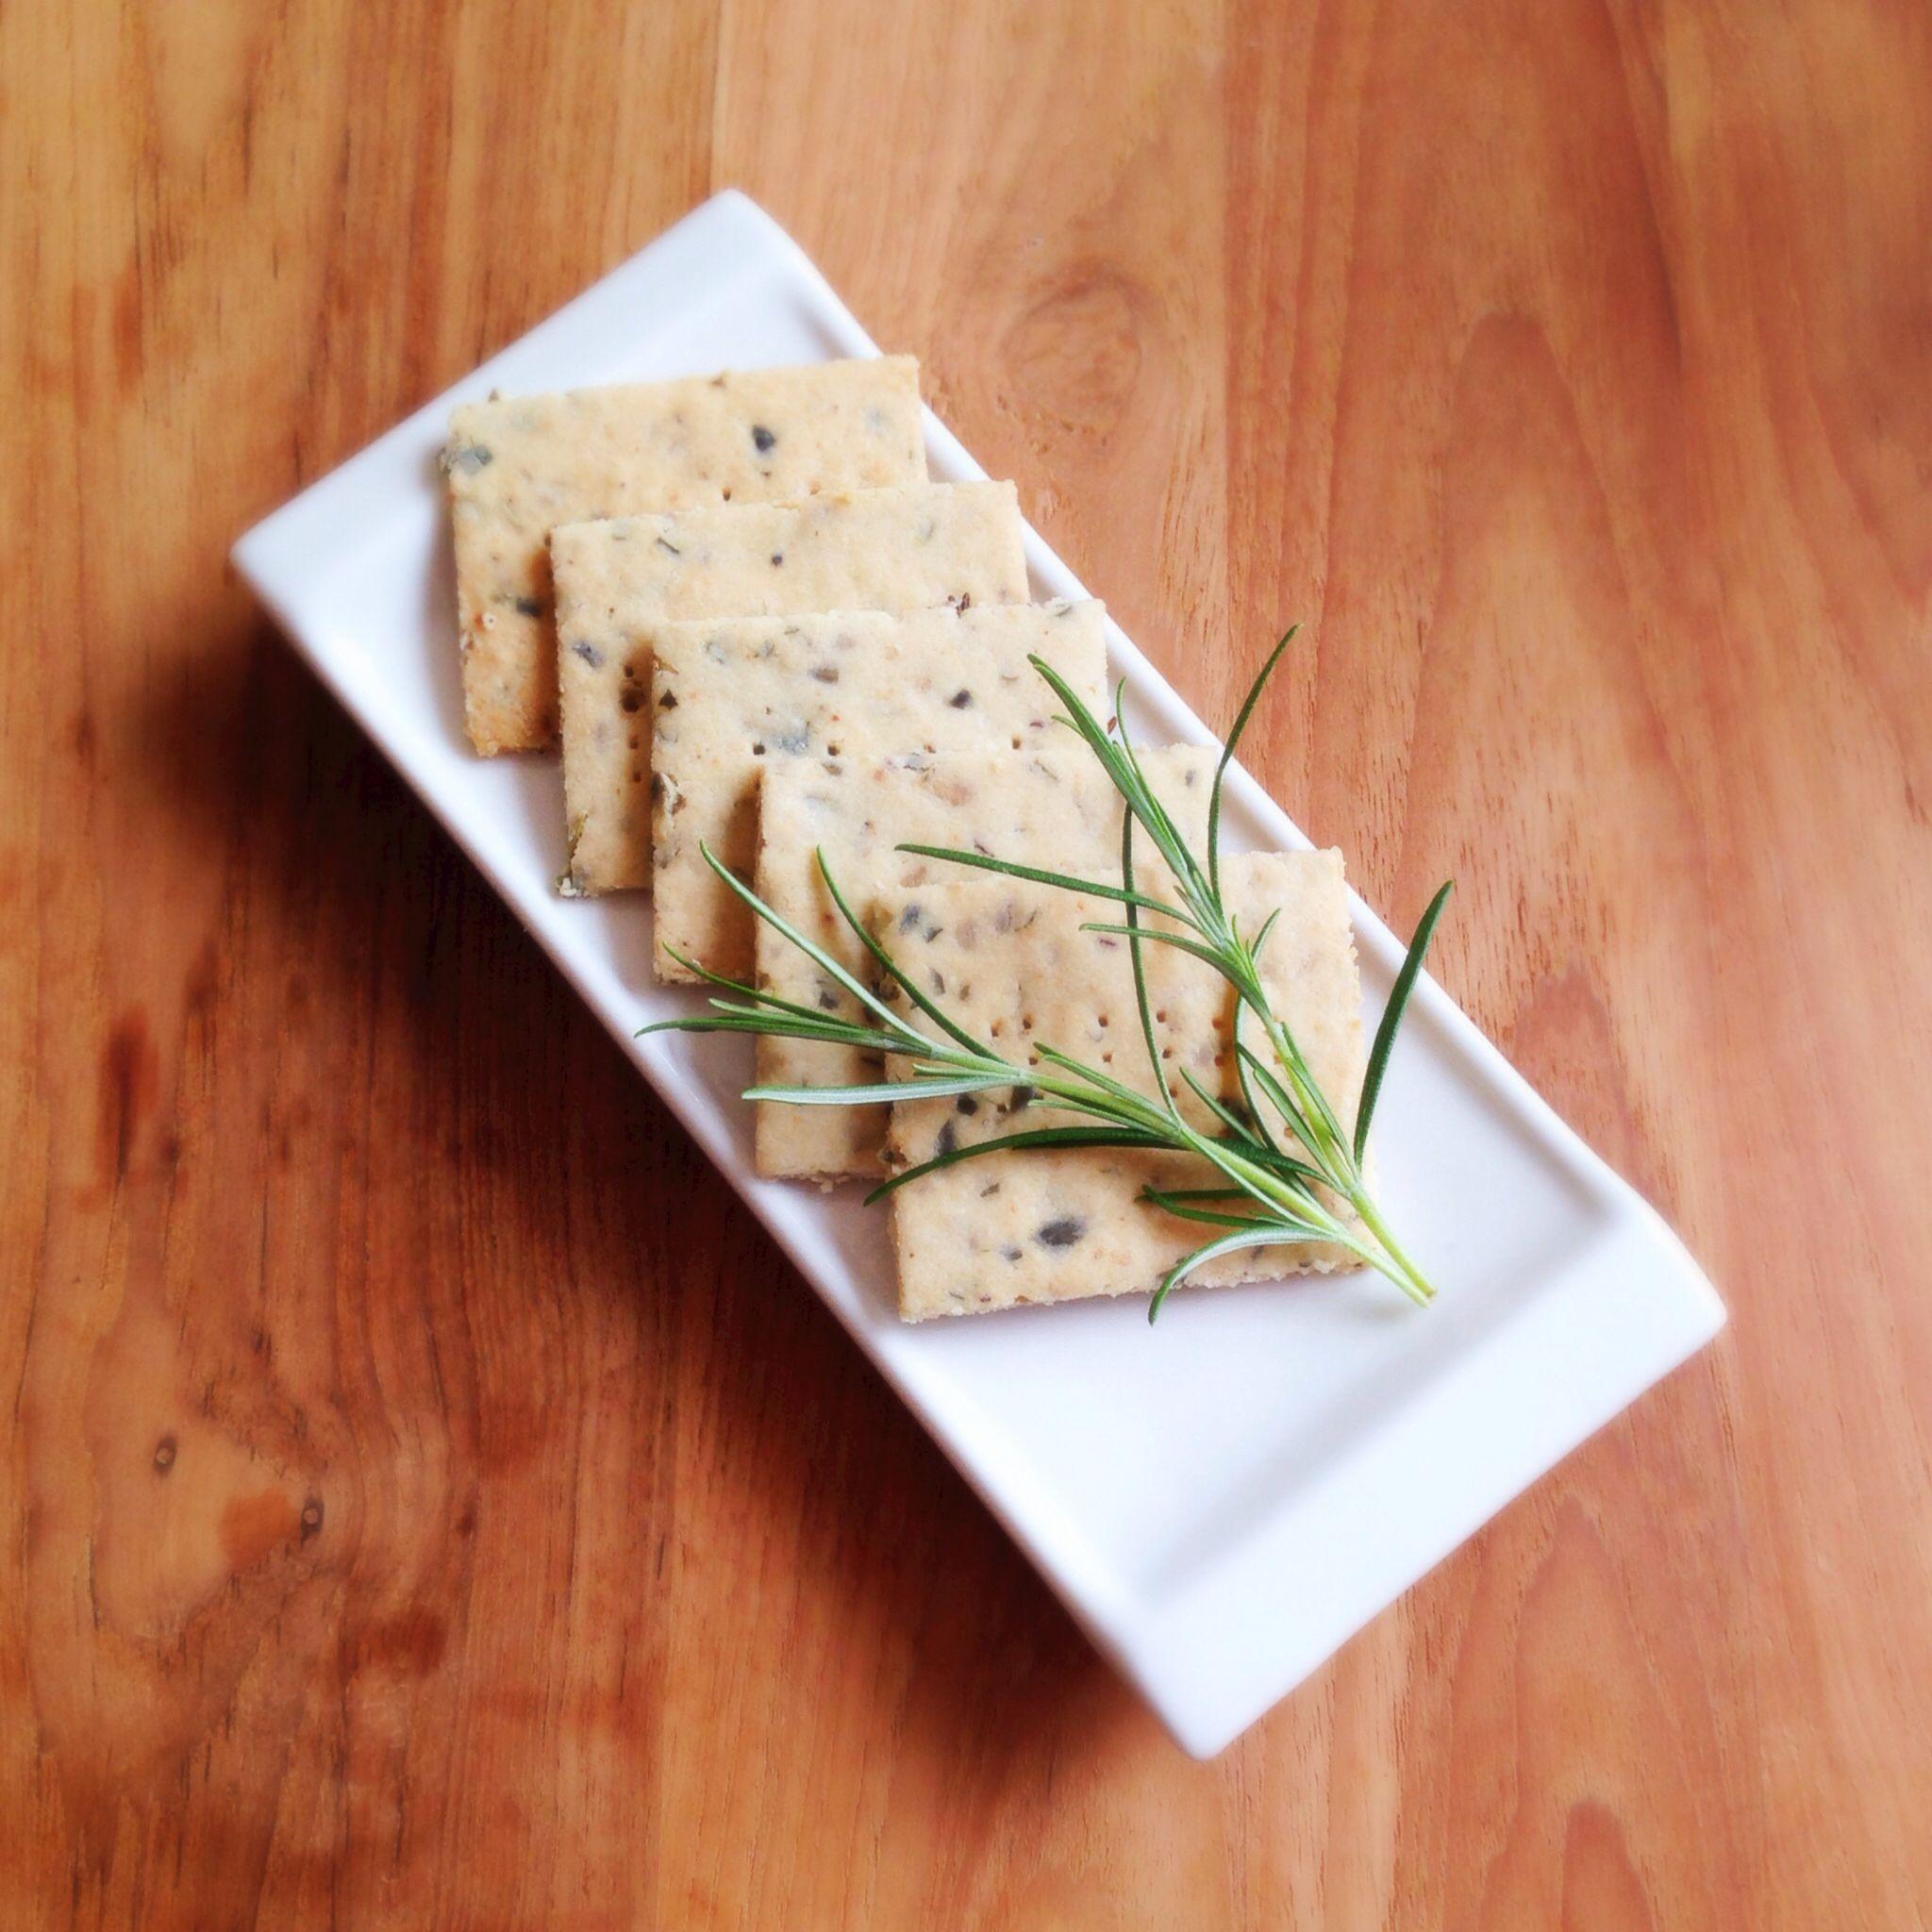 Paleo friendly savoury herb biscuits